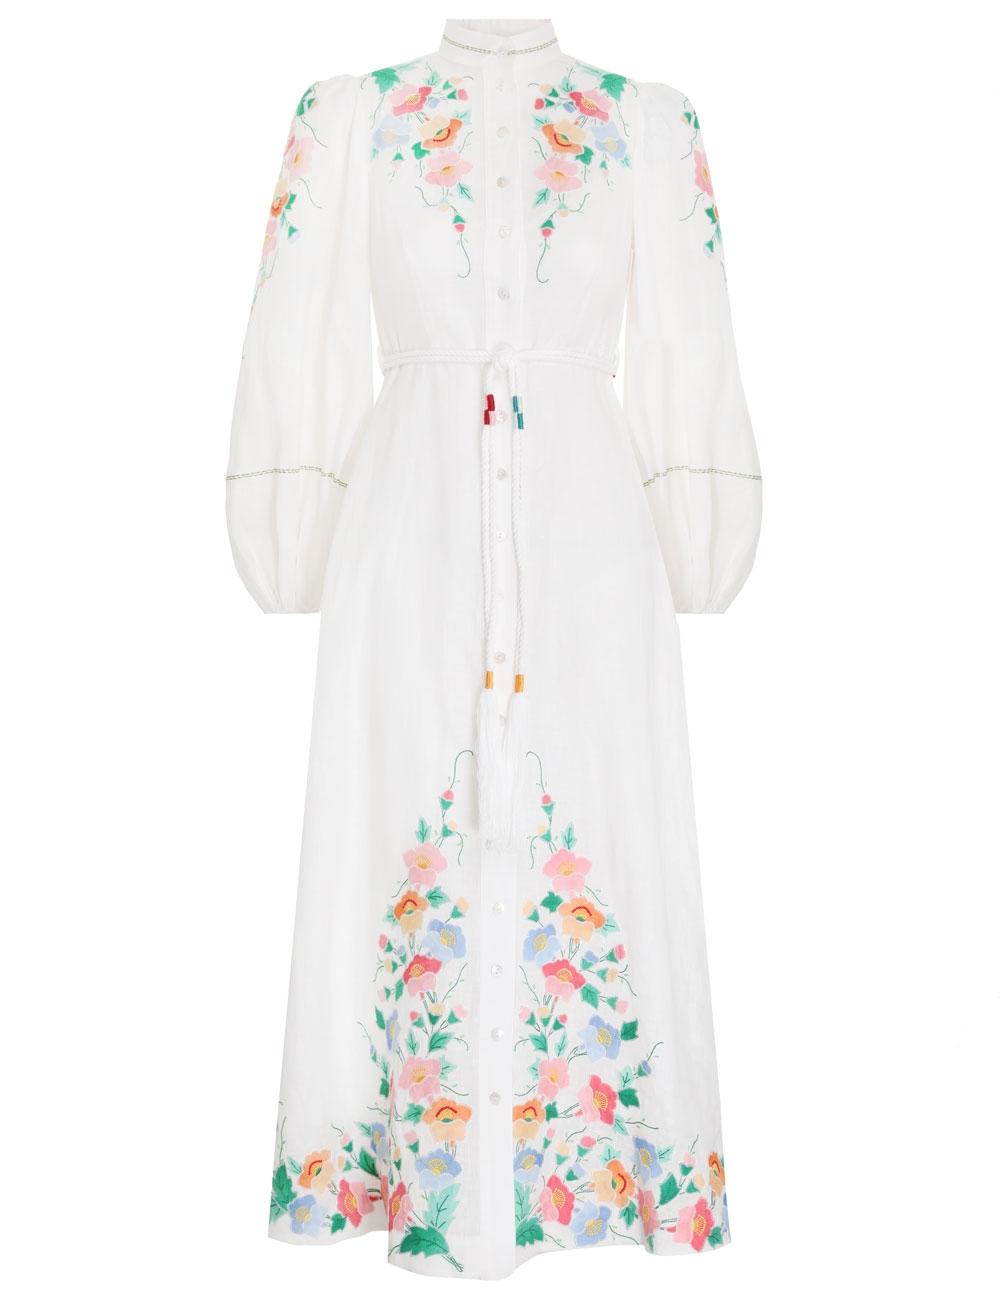 Fiesta Applique Long Dress